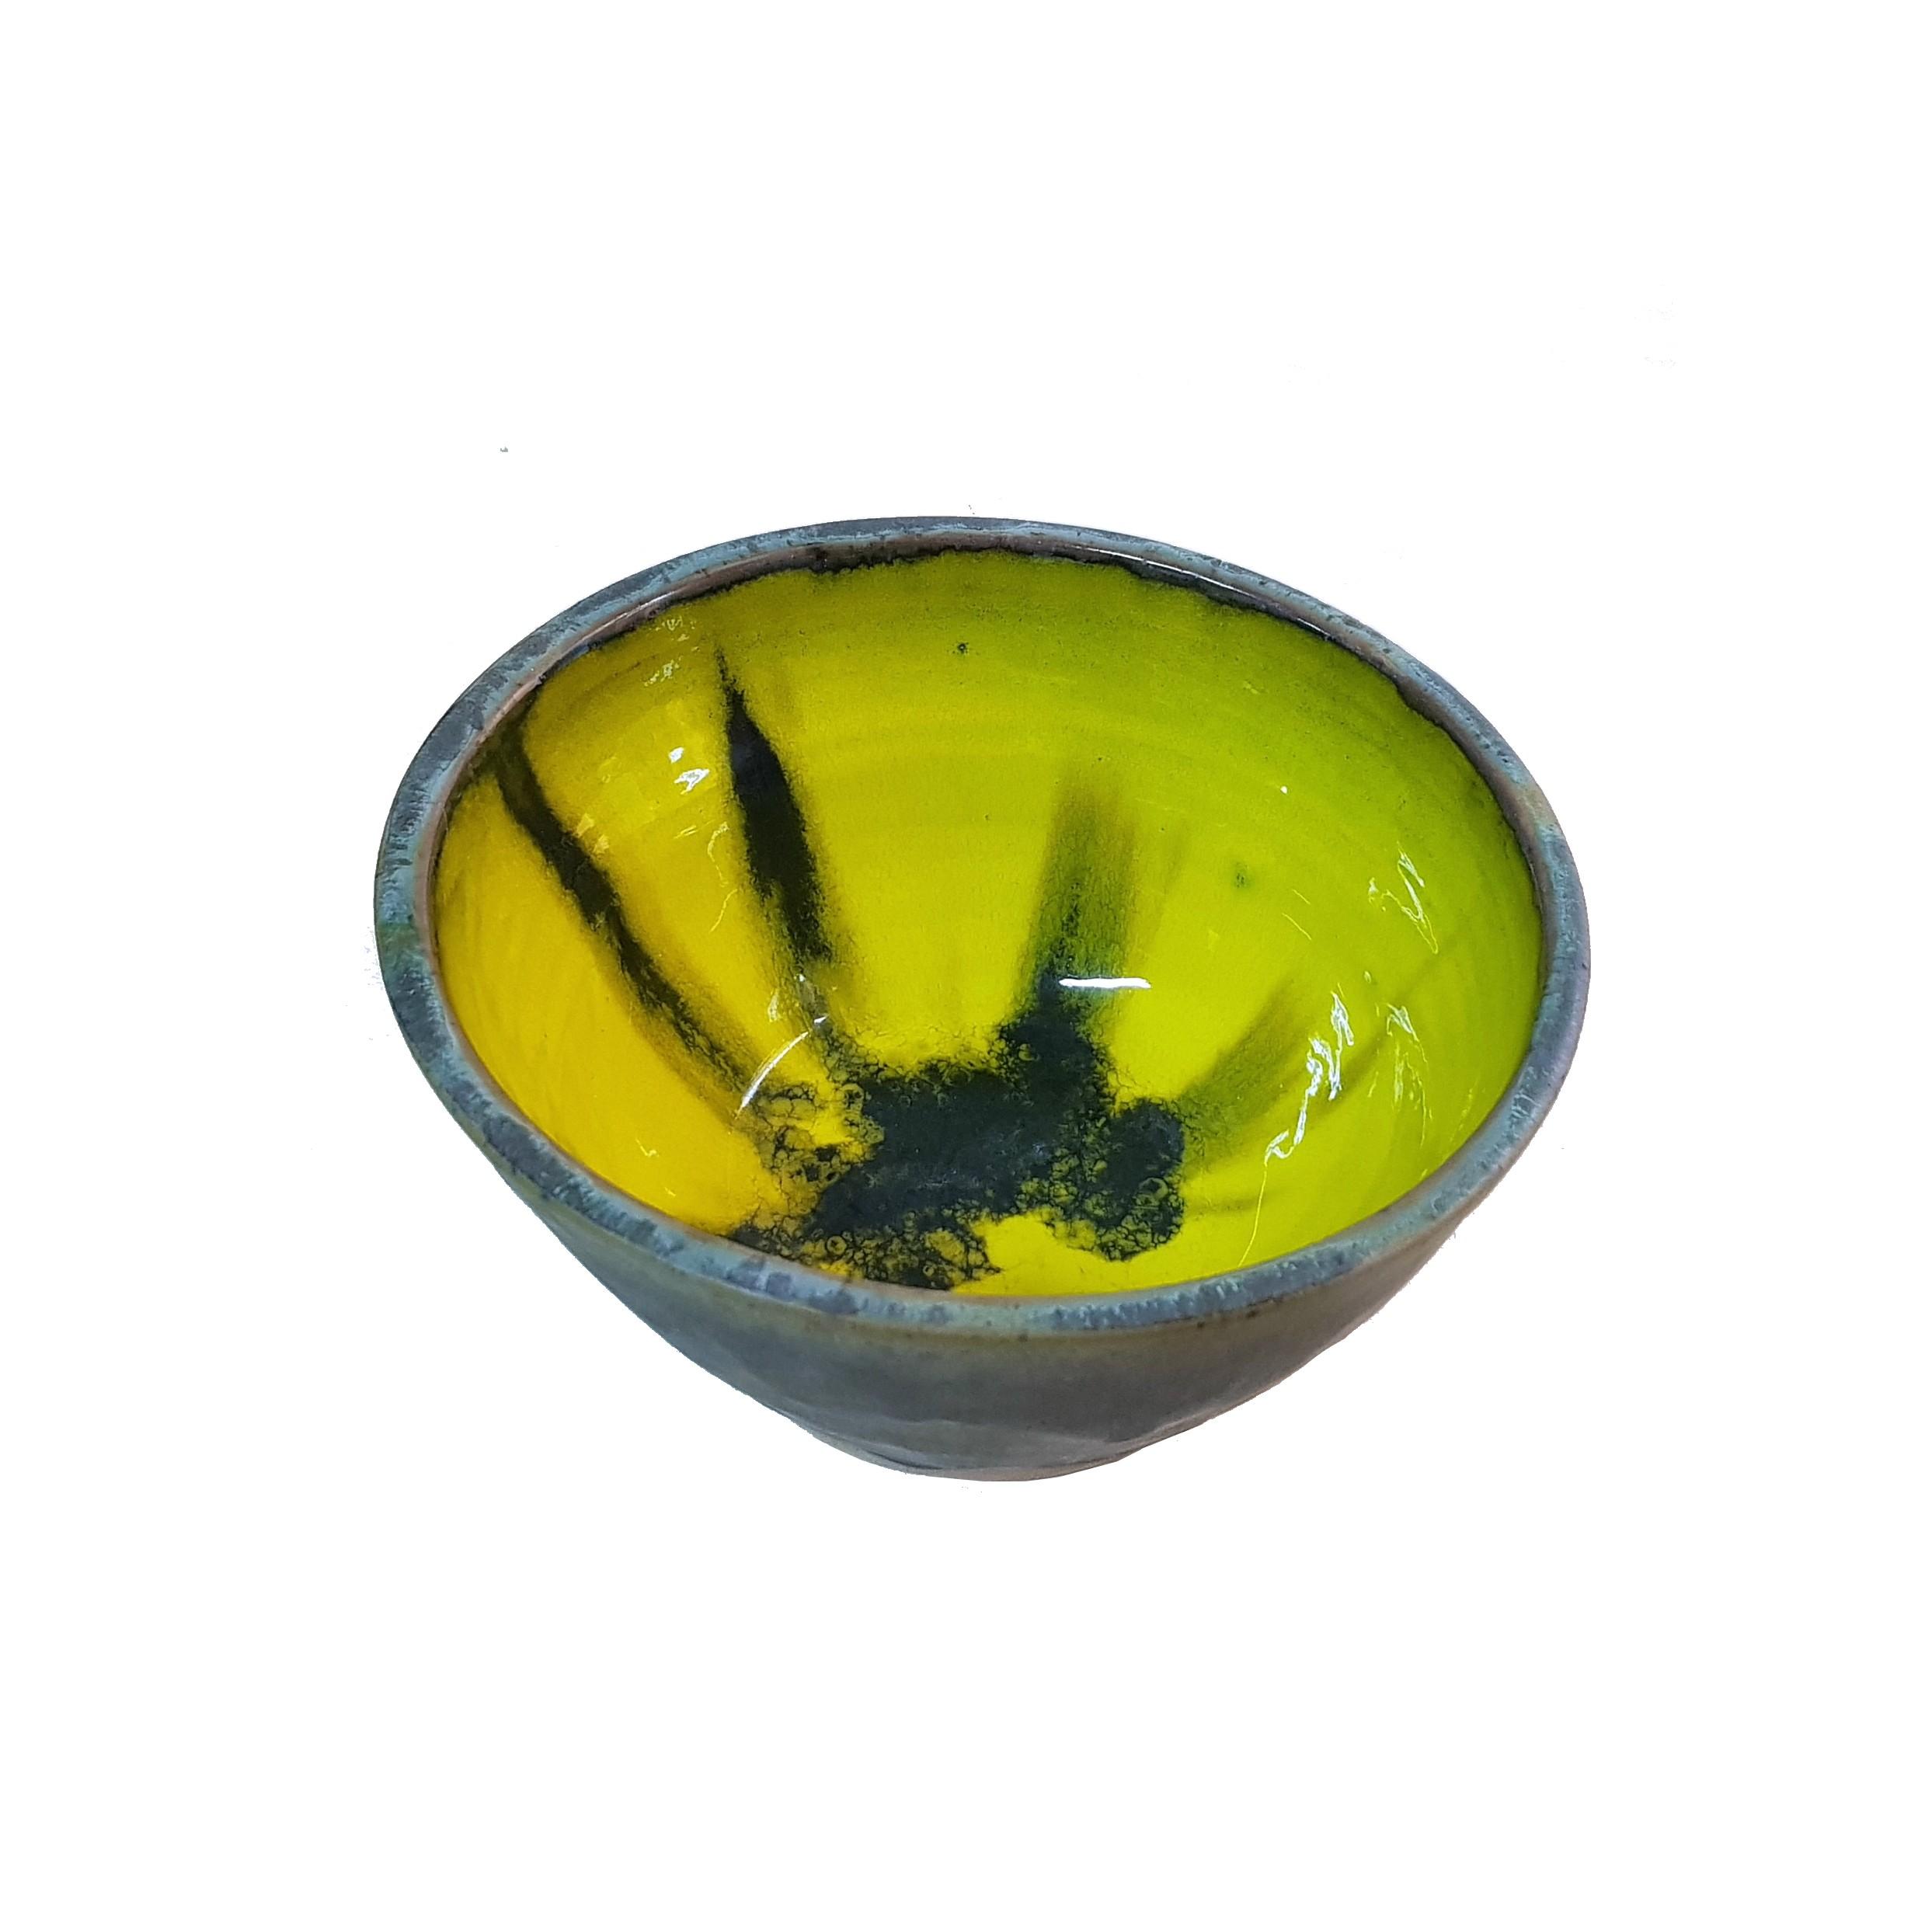 Bol mediu Yelllowstone_platter_ceramics_pottery_RafGallery